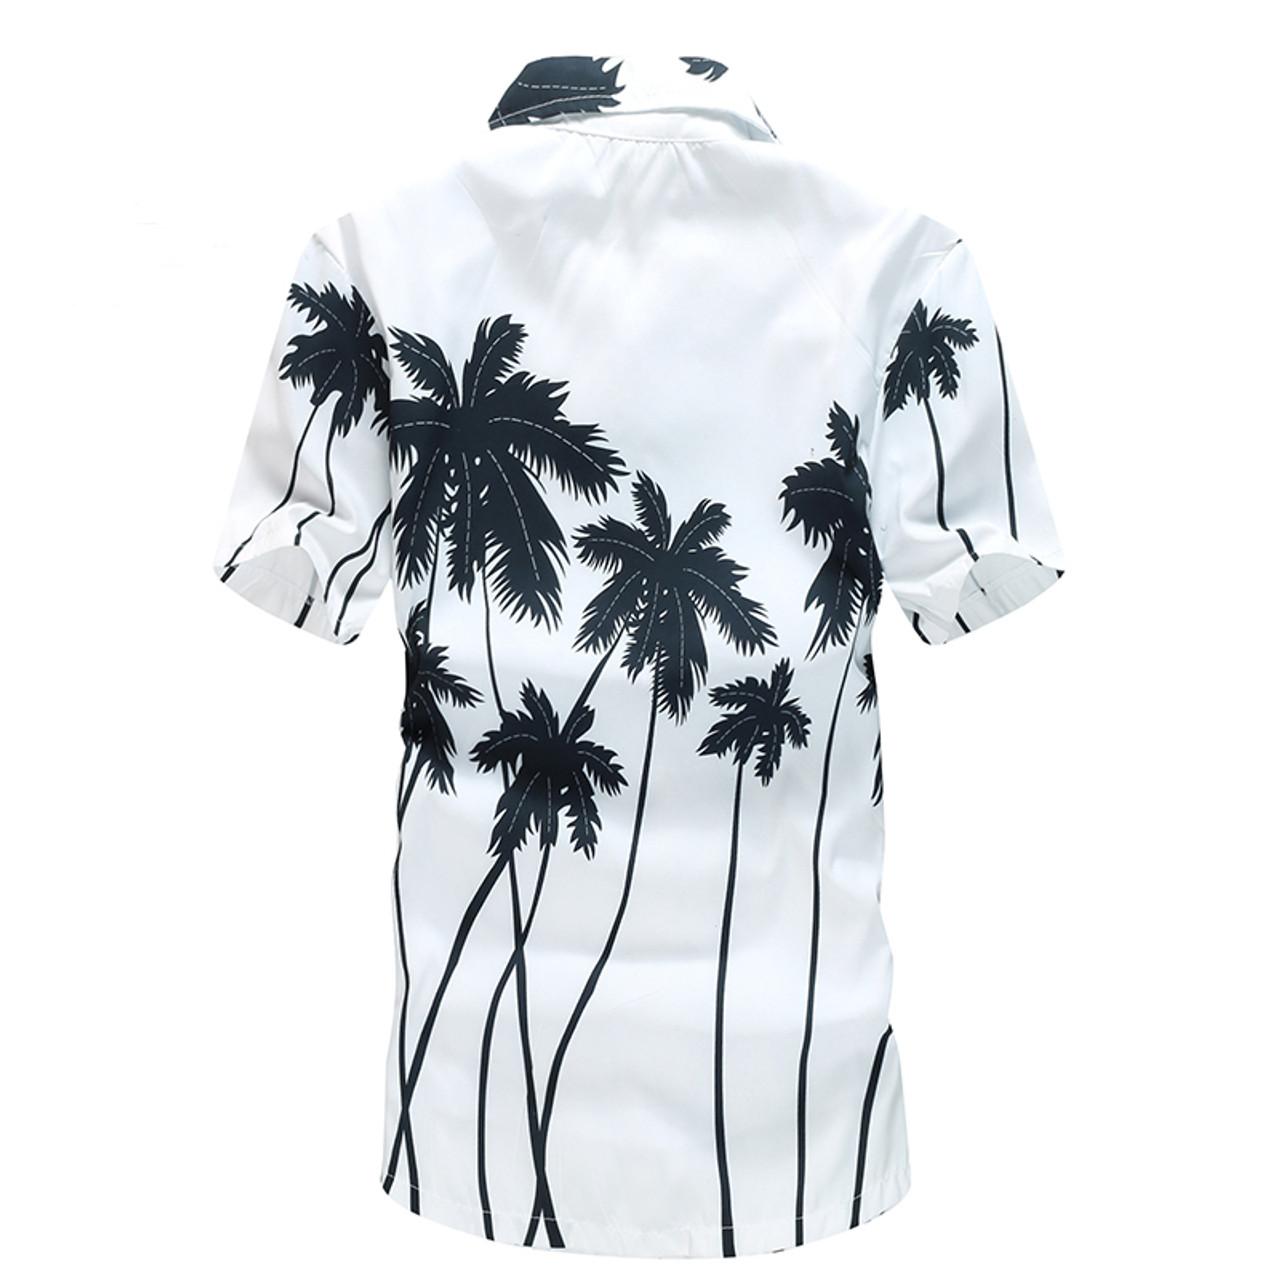 347b0b864b54 ... Mens Hawaiian Shirt Male Casual camisa masculina Printed Beach Shirts  Short Sleeve brand clothing Free Shipping ...